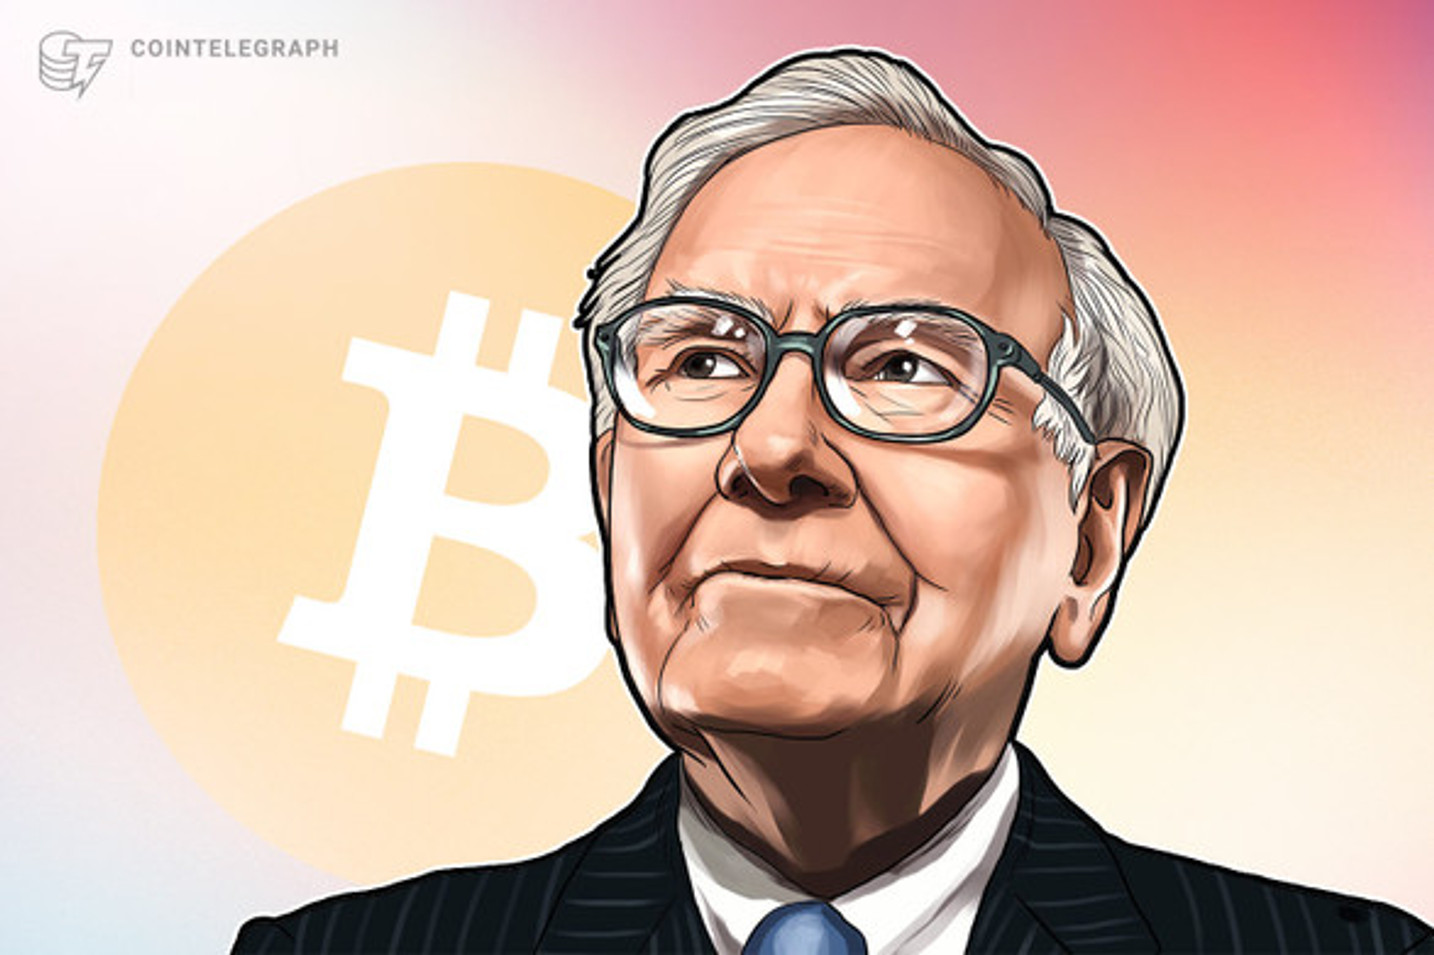 Empresa brasileira cresce 110% e é destaque de carteira de Warren Buffet; Fundos cripto subiram até 263%